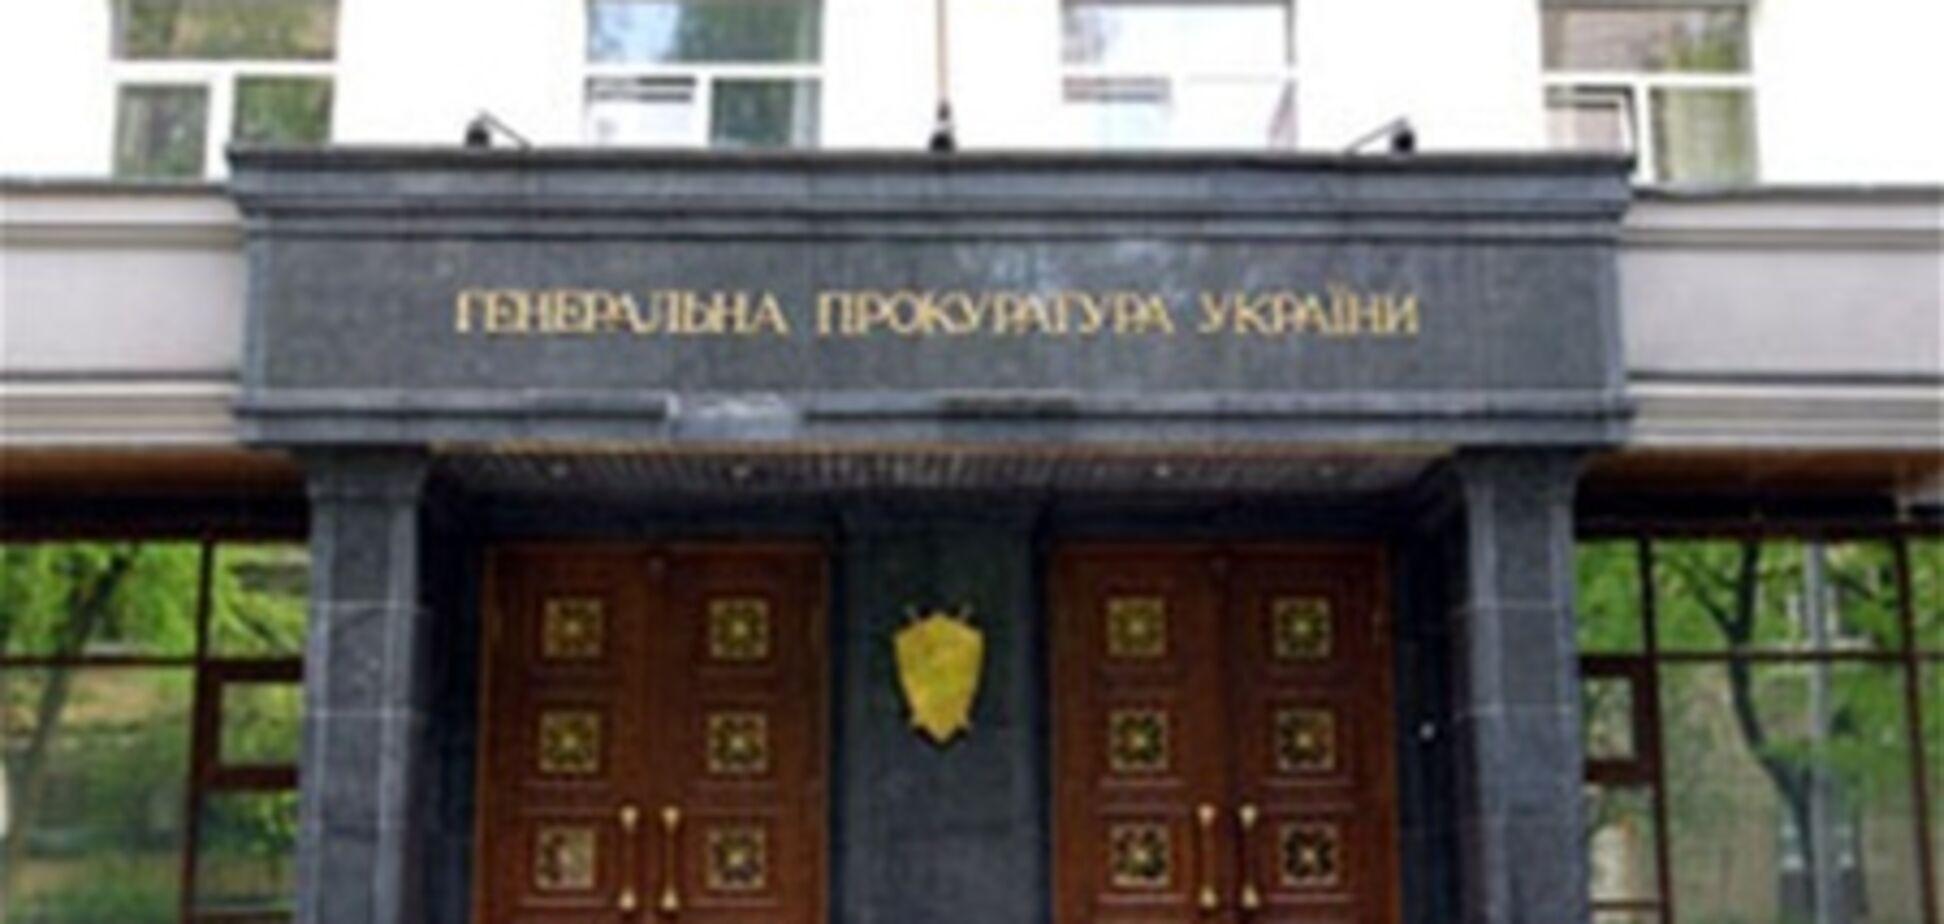 У Пшонки возбудили дело против начальника отделения Фонда госимущества